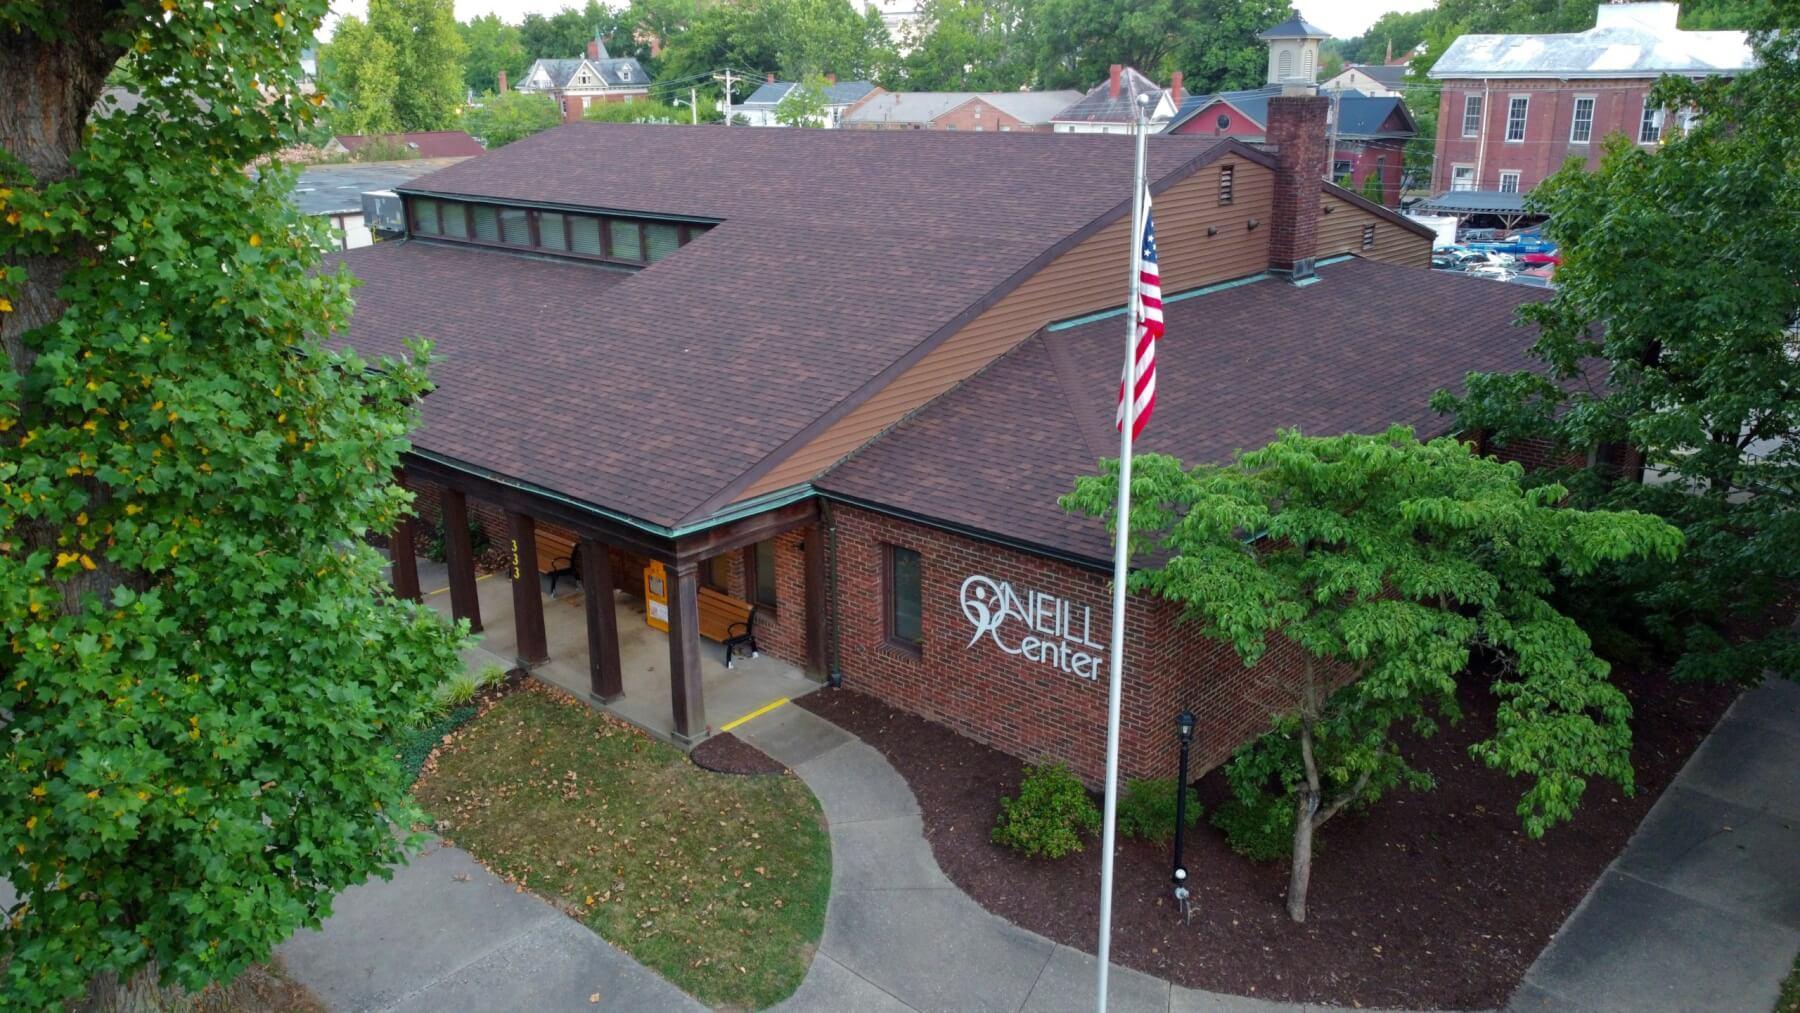 O'Neill Center Aerial View